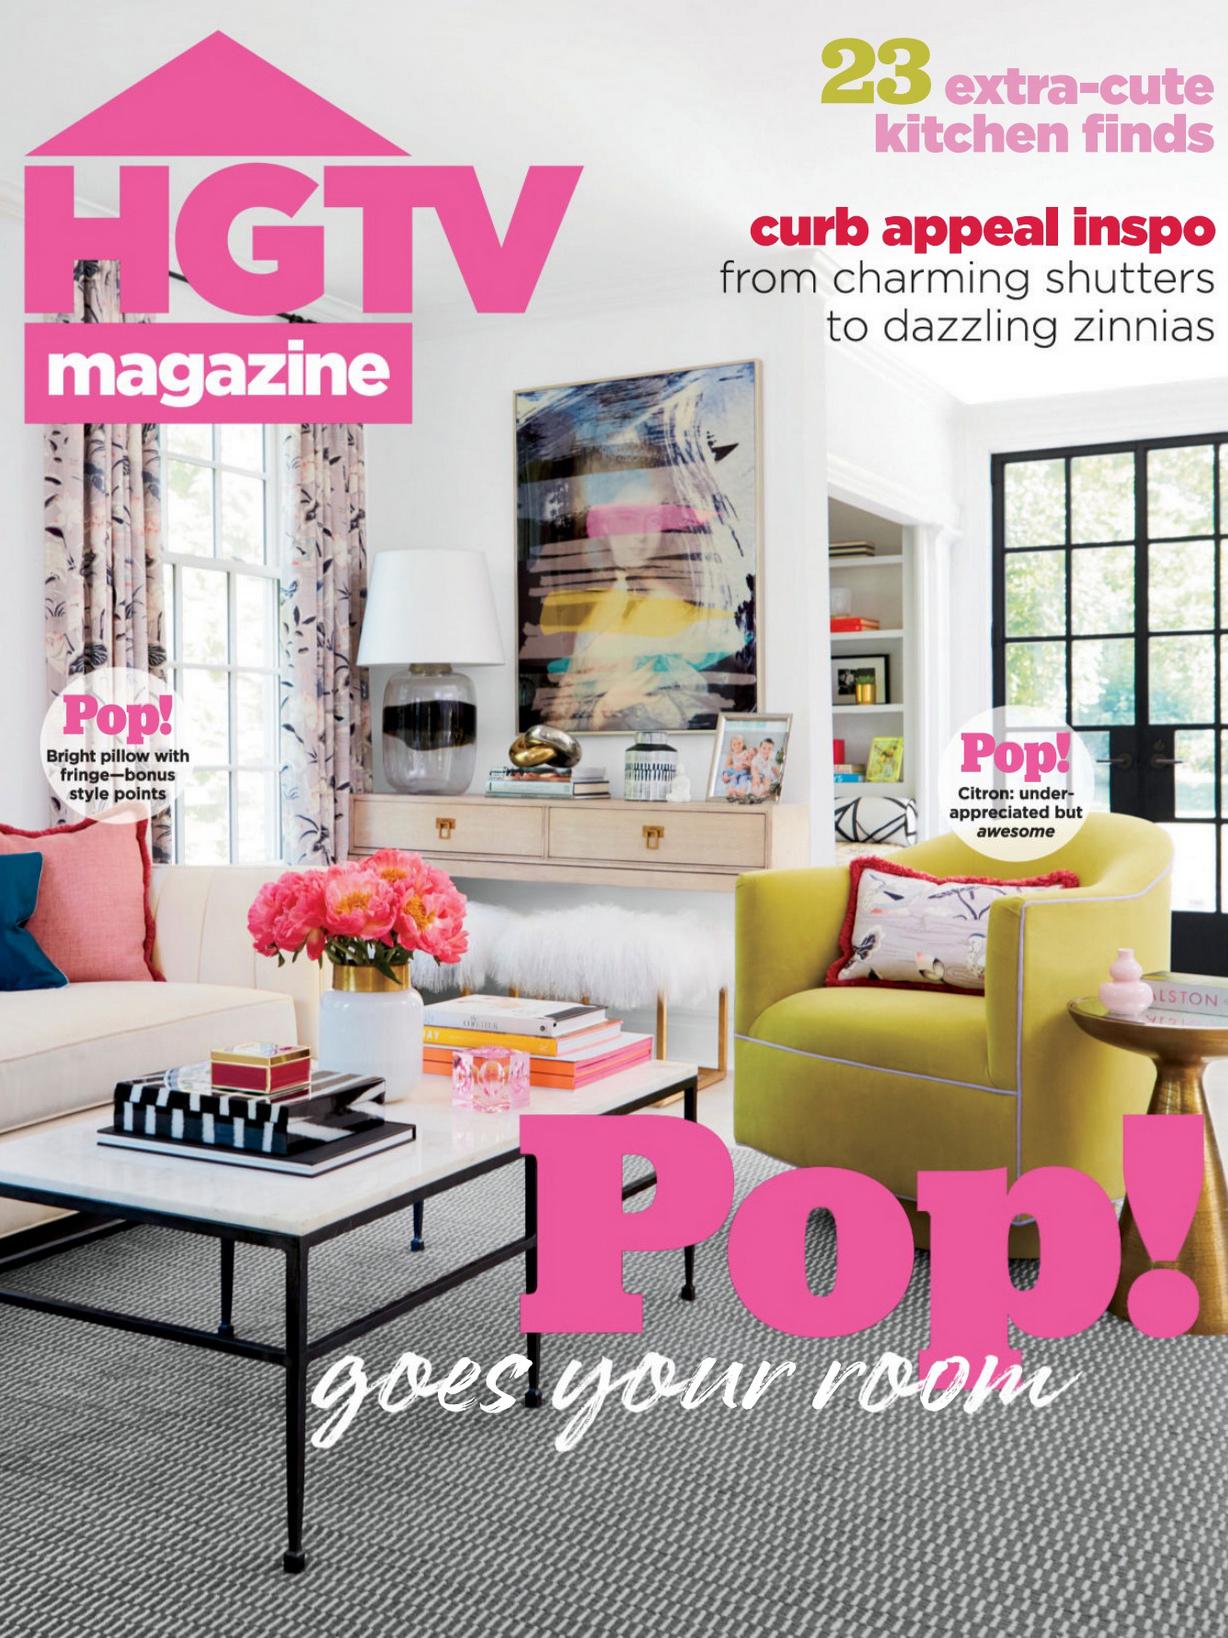 《Hgtv》美国版时尚家居设计杂志2021年05月号